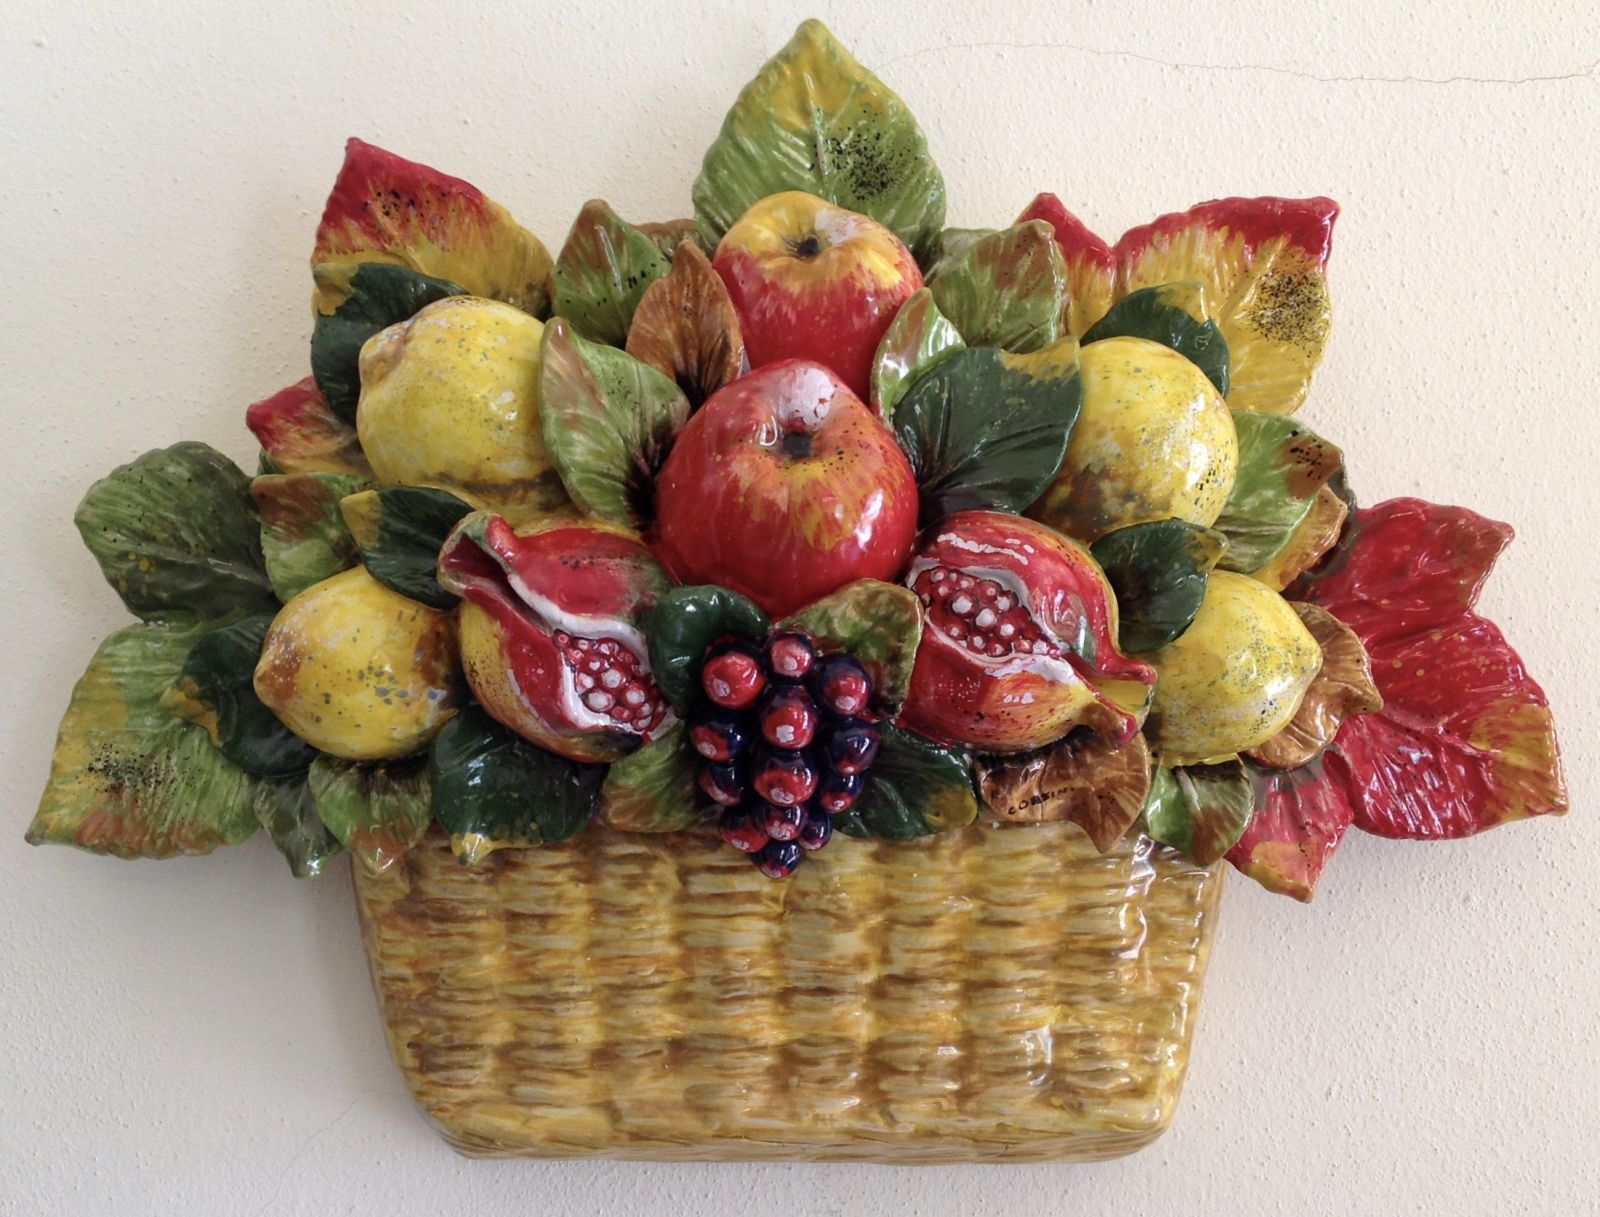 Cesto da muro impagliato con frutta mista  cm 47x33